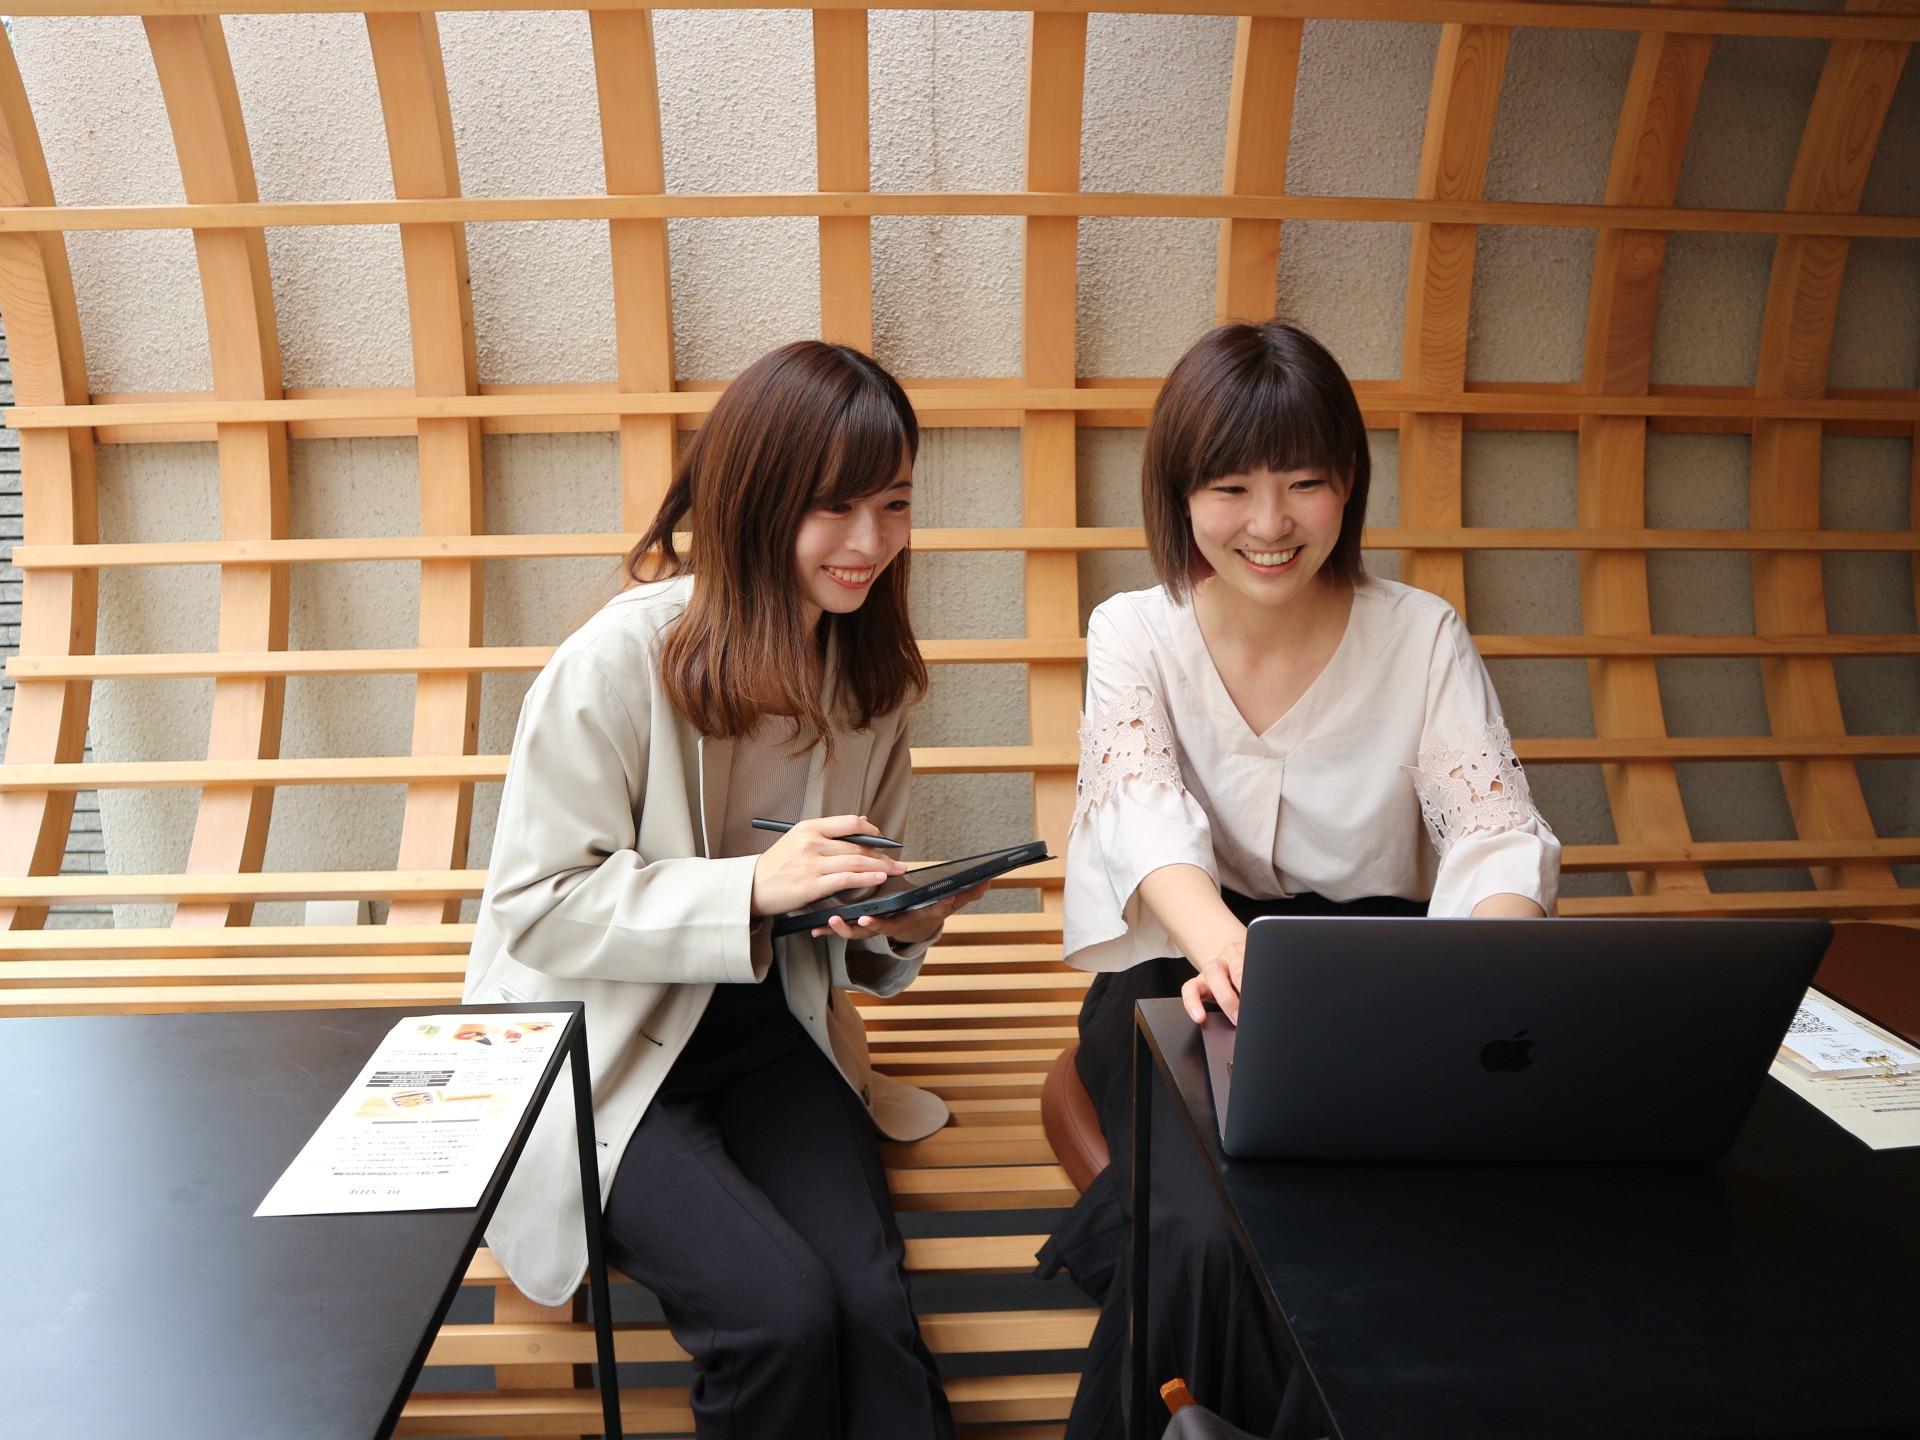 株式会社船橋屋の広報、亀田優奈さんと月岡紋萌さん。